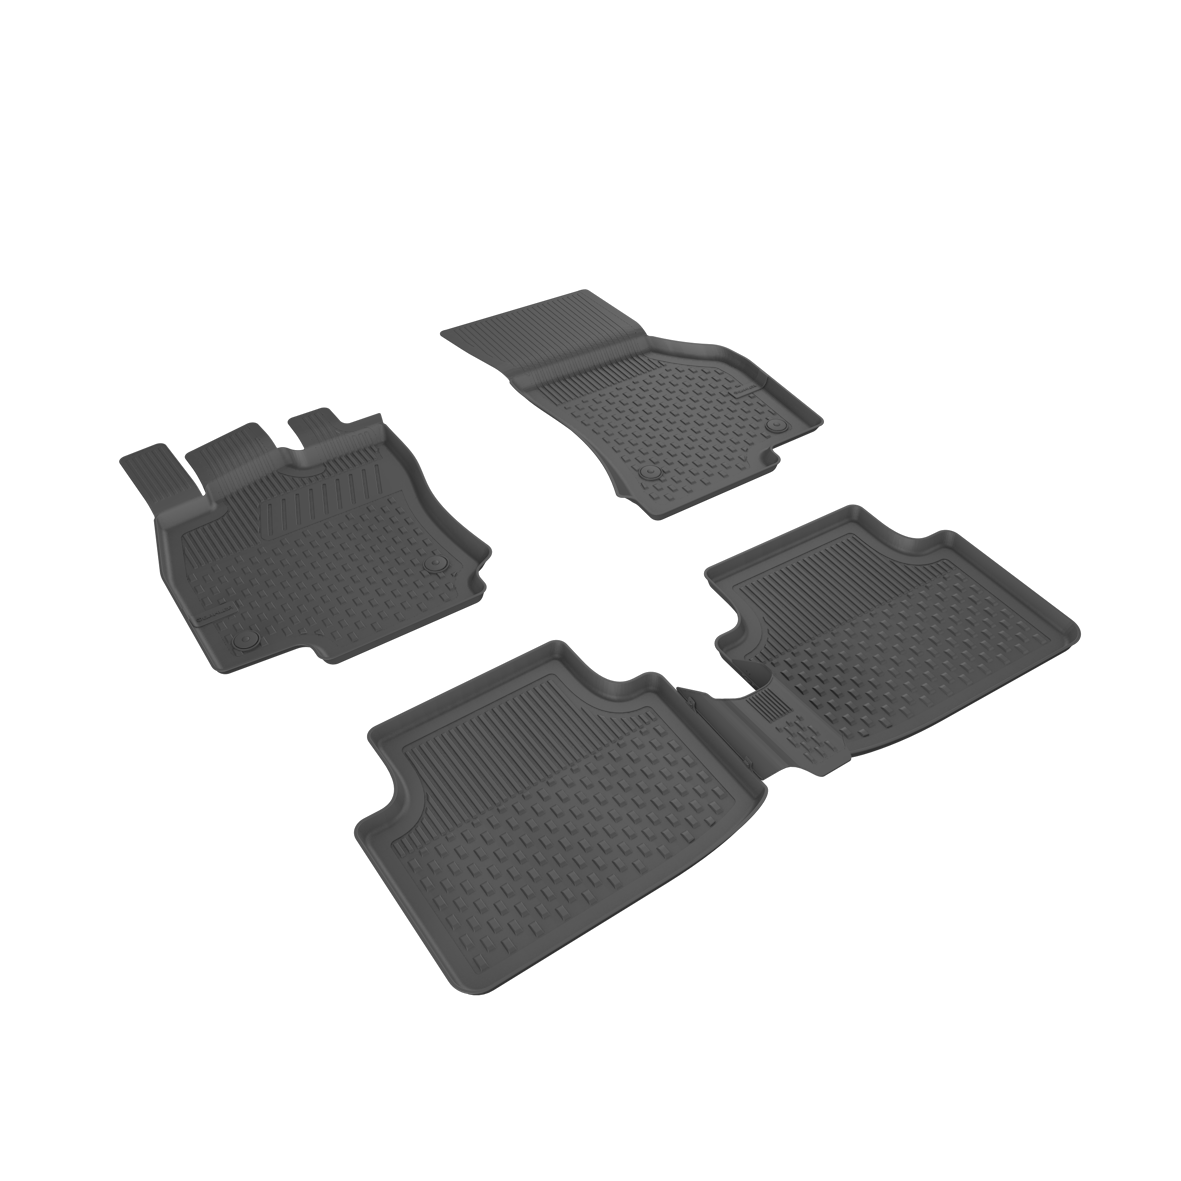 Автомобильные коврики в салон SAHLER 4D для VOLKSWAGEN Passat B8 2015-2020 VW-12